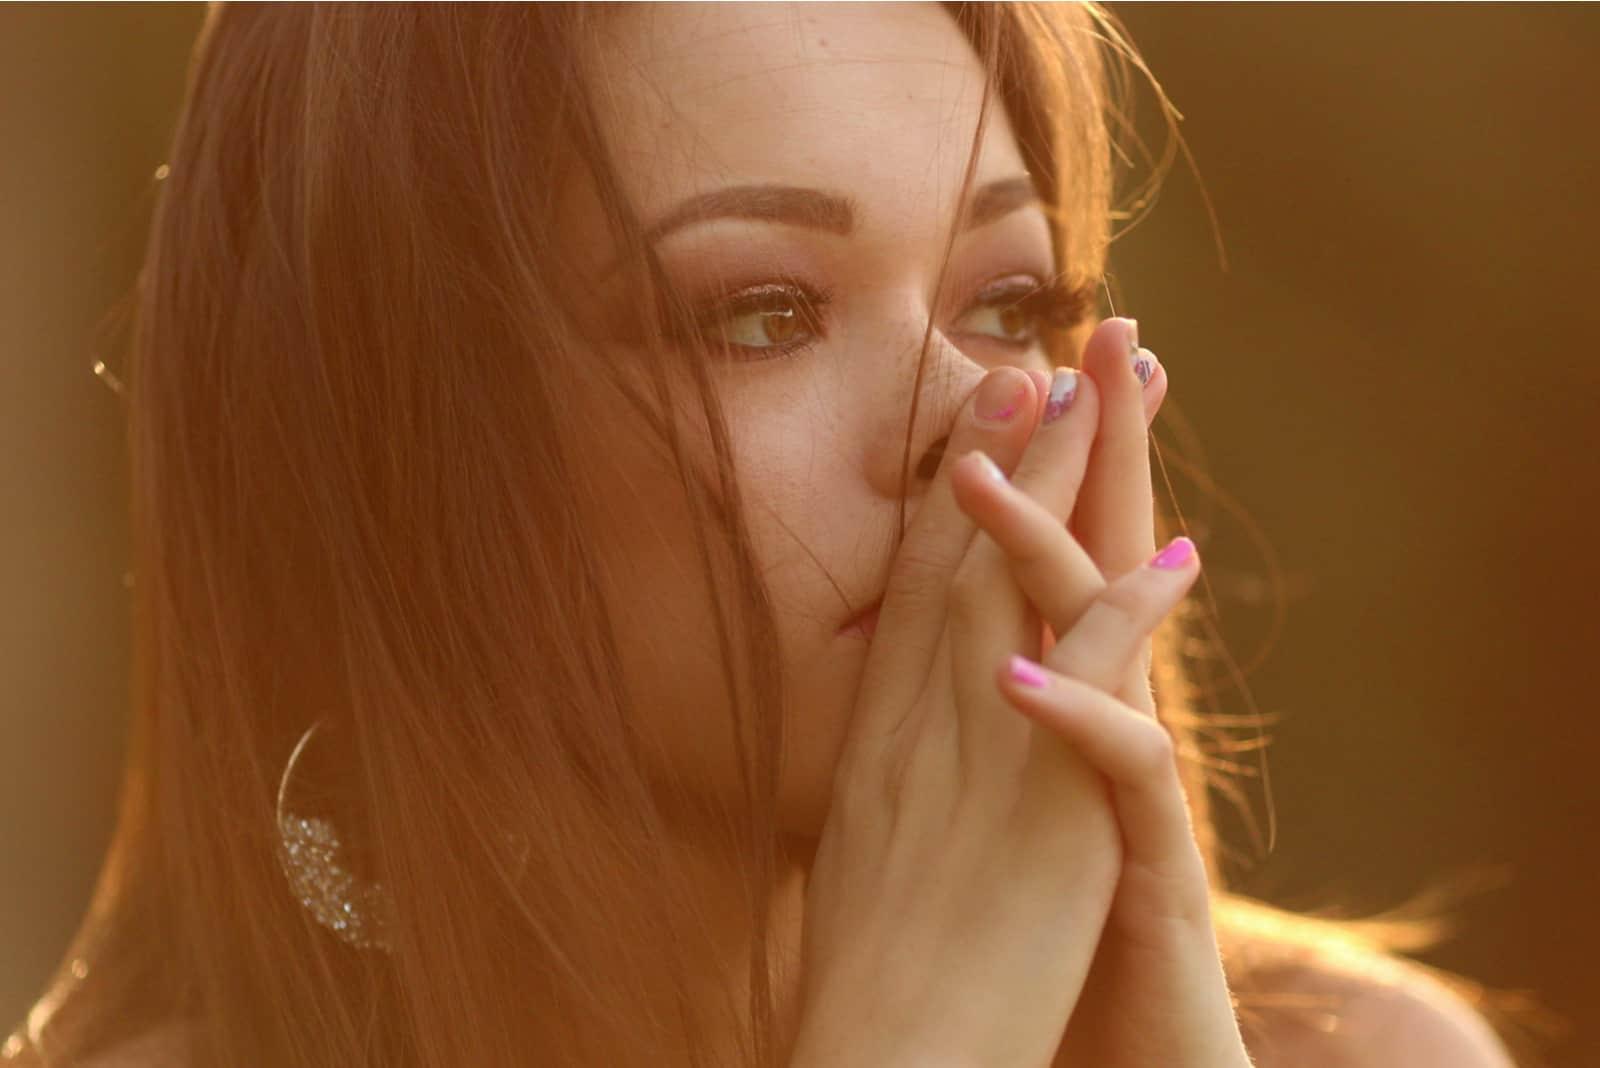 Tusindårig pige med hånd i ansigt, der fortryder og er trist